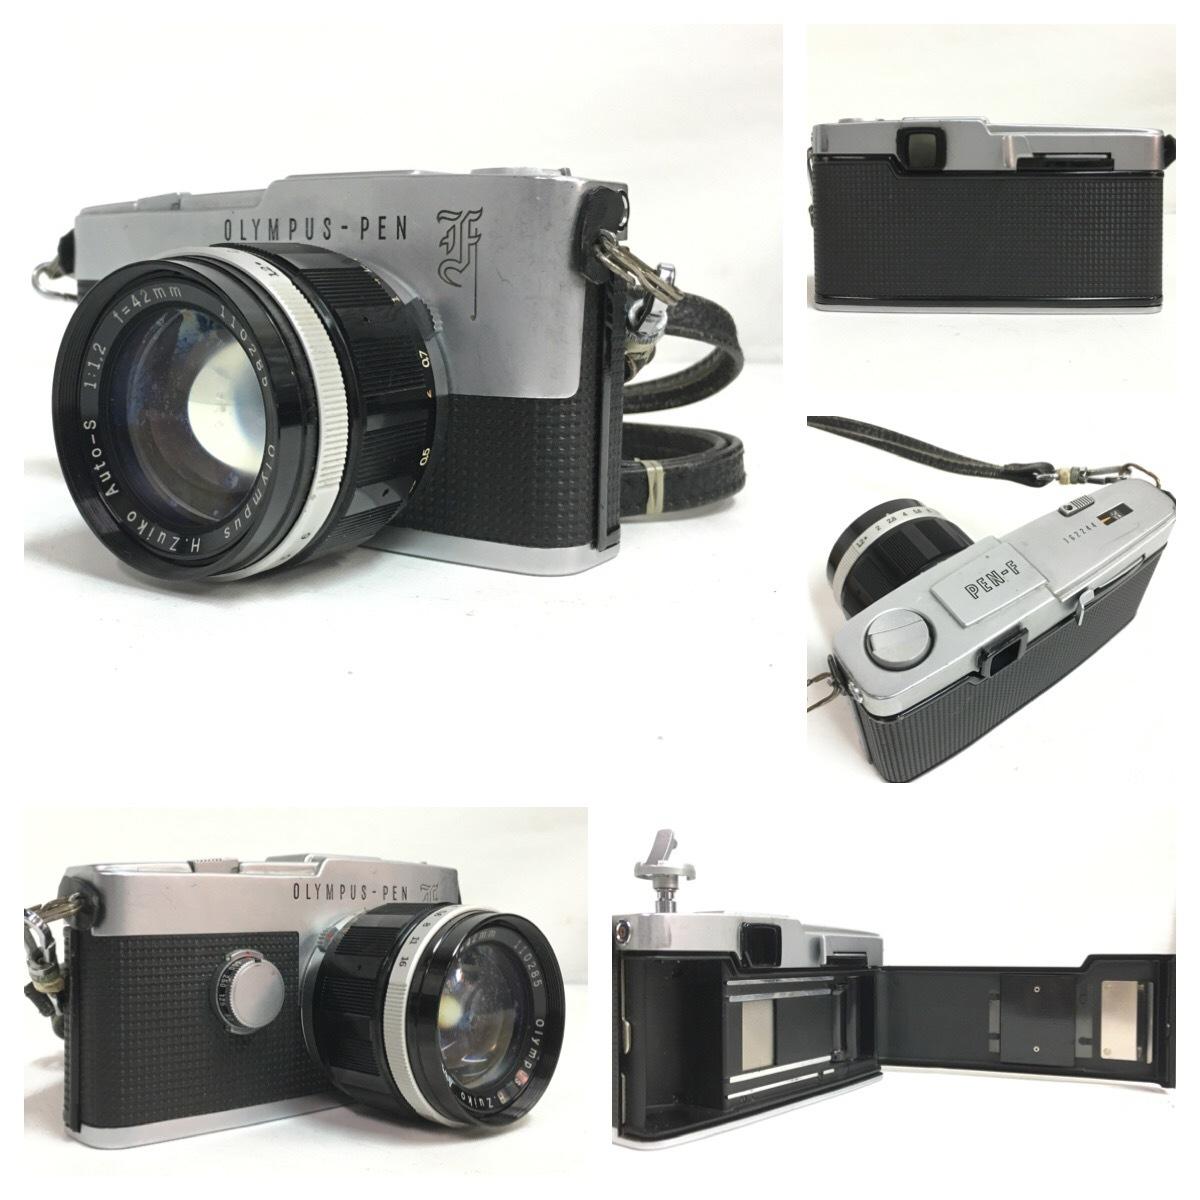 1円~ 動確OK!まとめて【OLYMPUS/日本製】フィルムカメラ PEN-F/PEN-FT レンズ 5本 他セット K18-0420-05_画像3